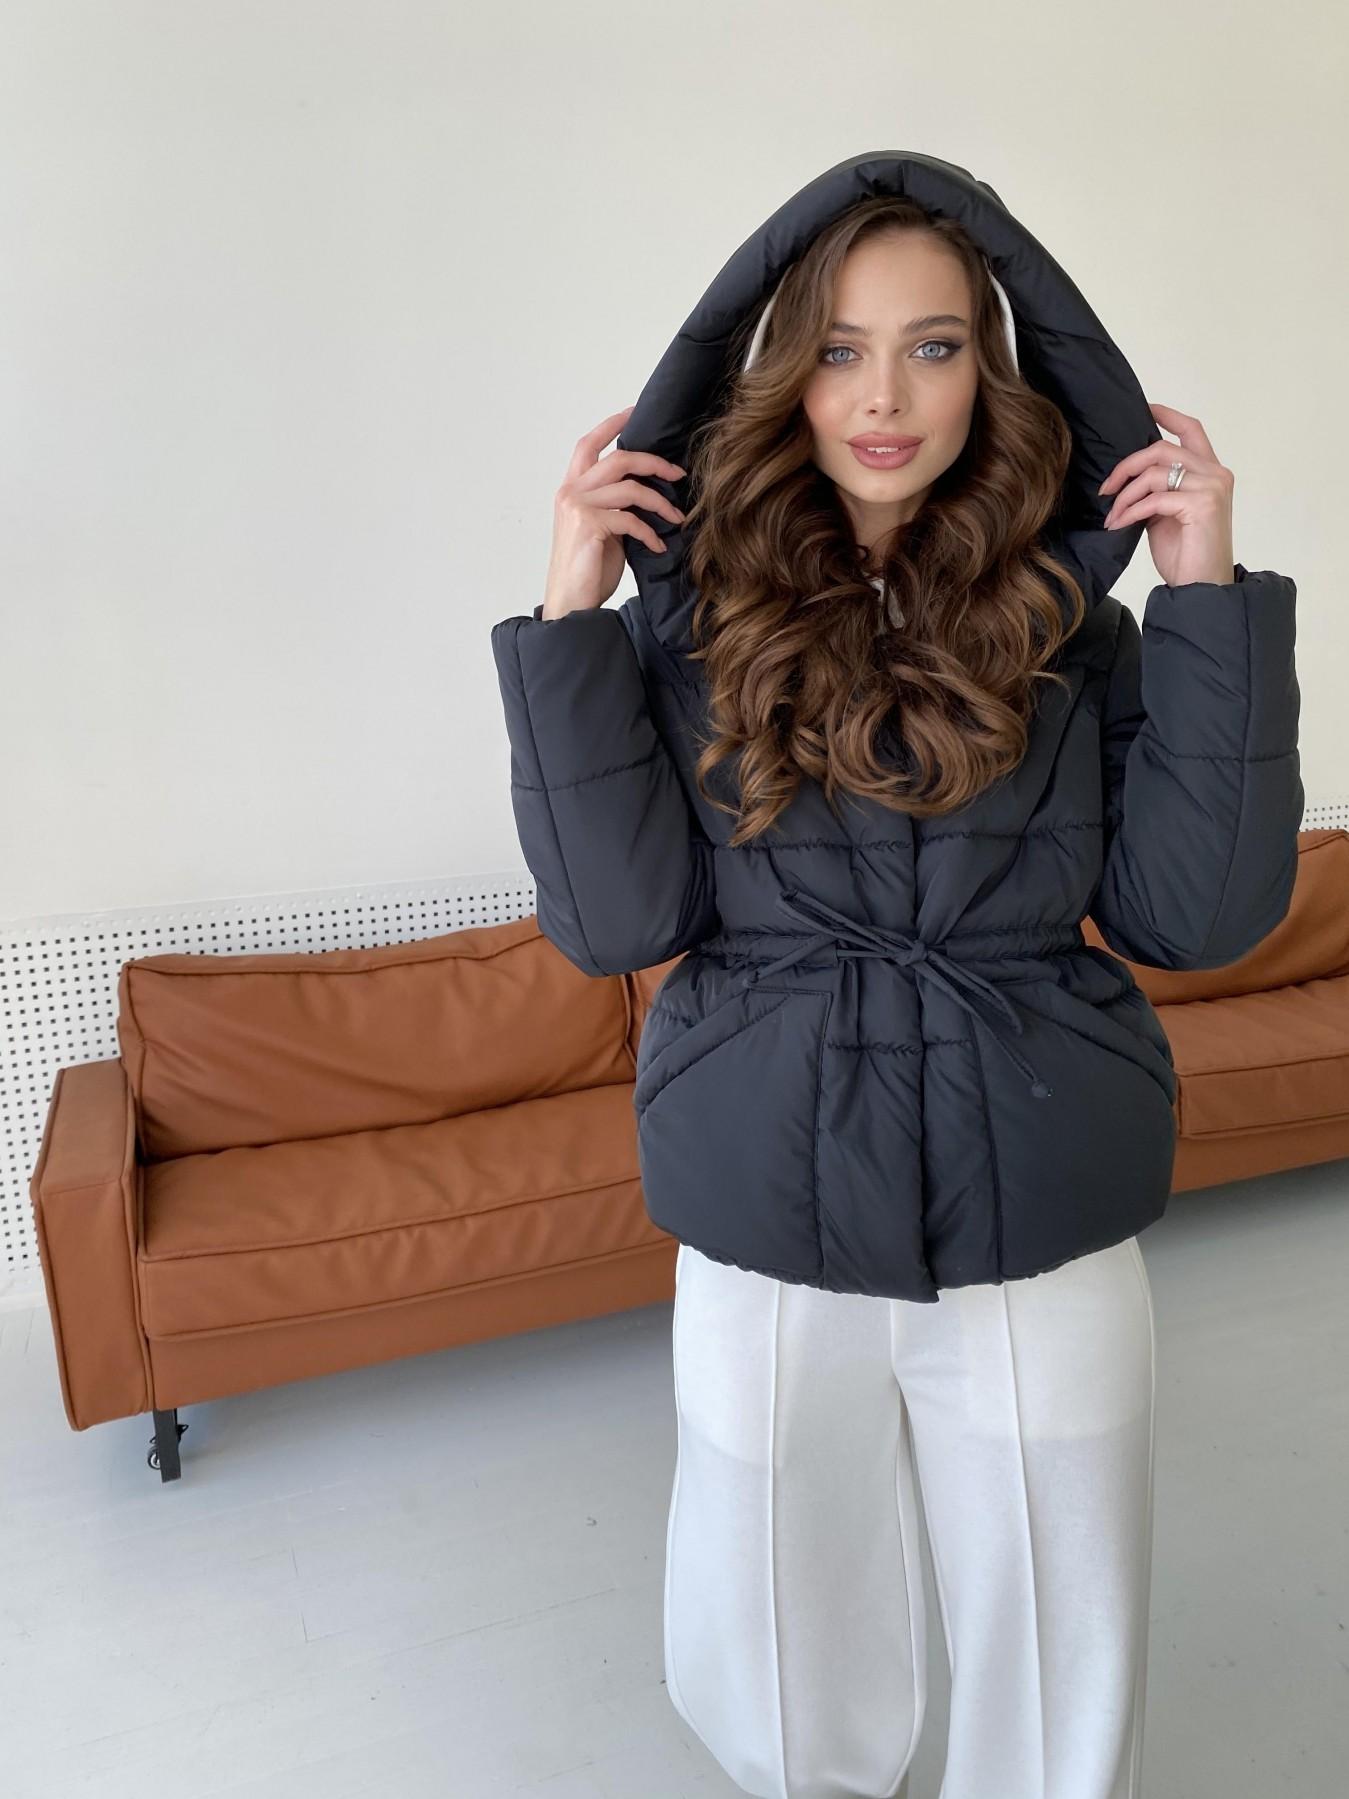 Пино куртка из плащевой ткани 10489 АРТ. 47270 Цвет: Черный - фото 1, интернет магазин tm-modus.ru